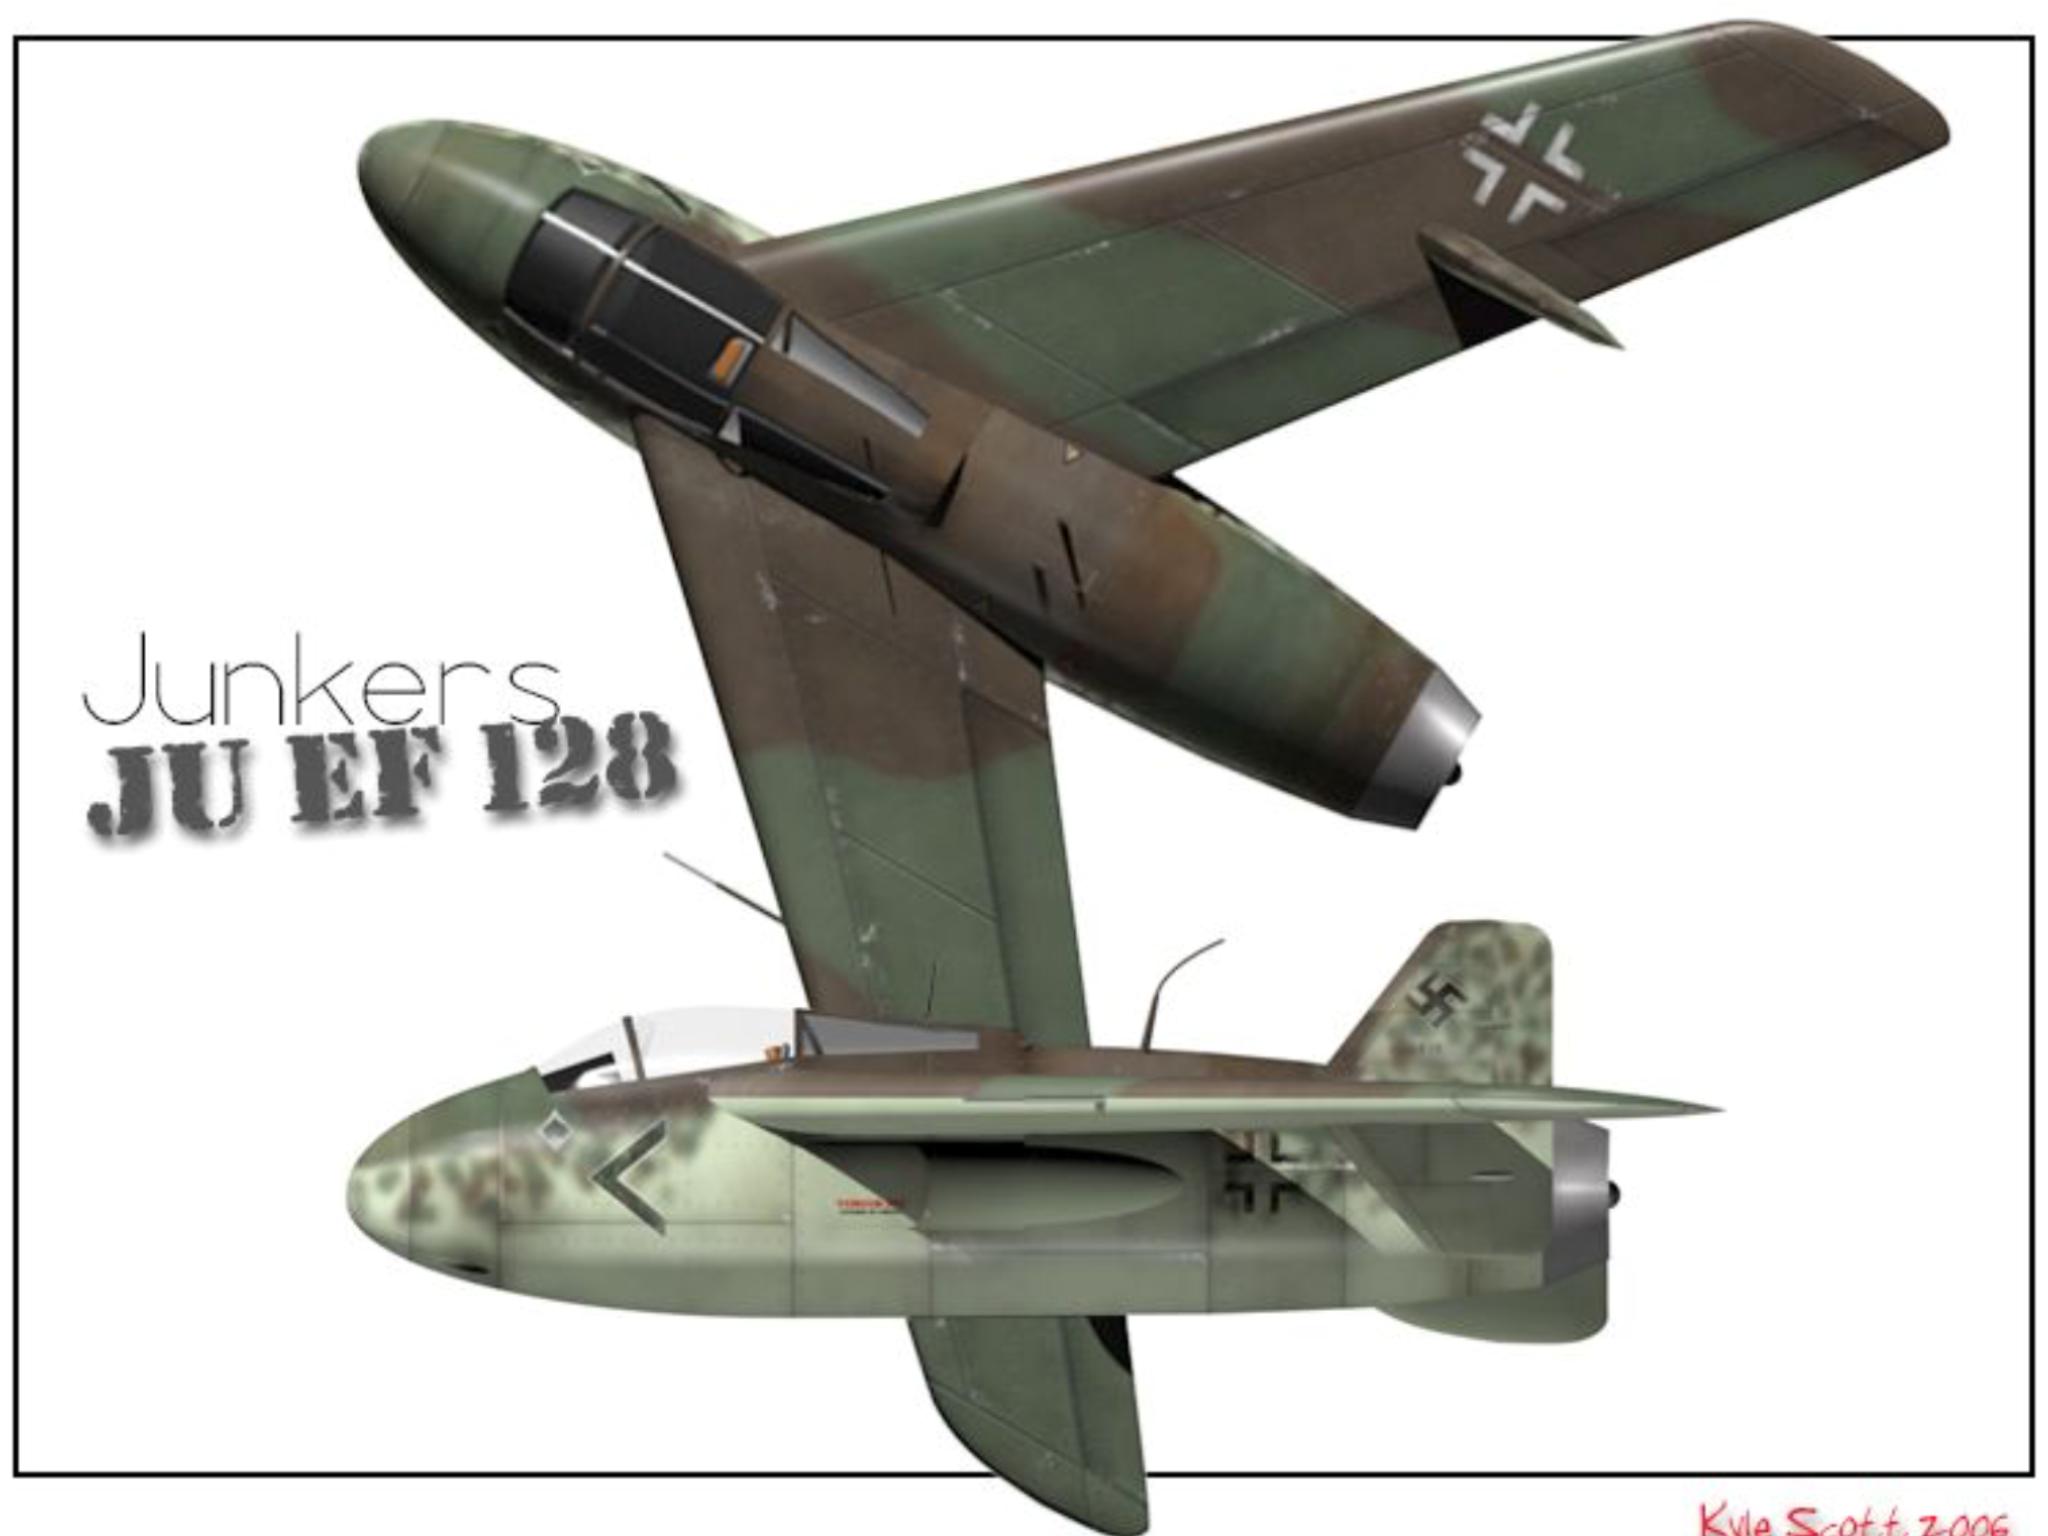 Junkers JU EF128 bomber interceptor concept